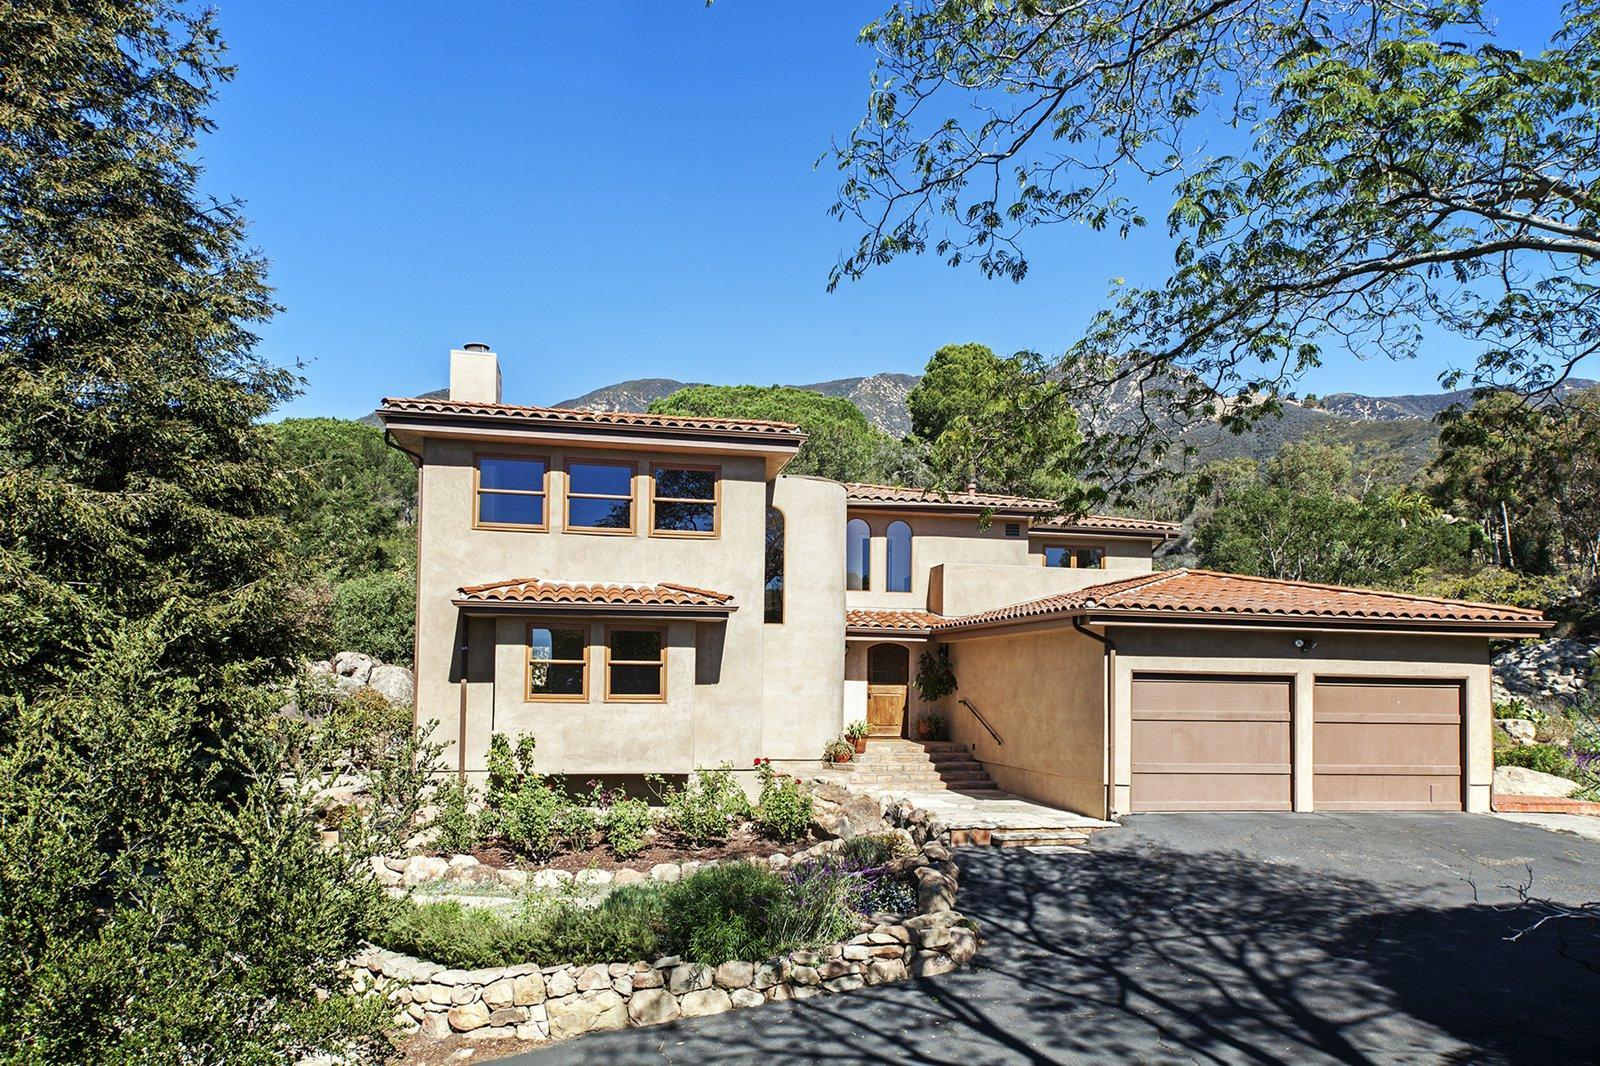 Property photo for 872 Ladera Ln Santa Barbara, California 93108 - 16-3455